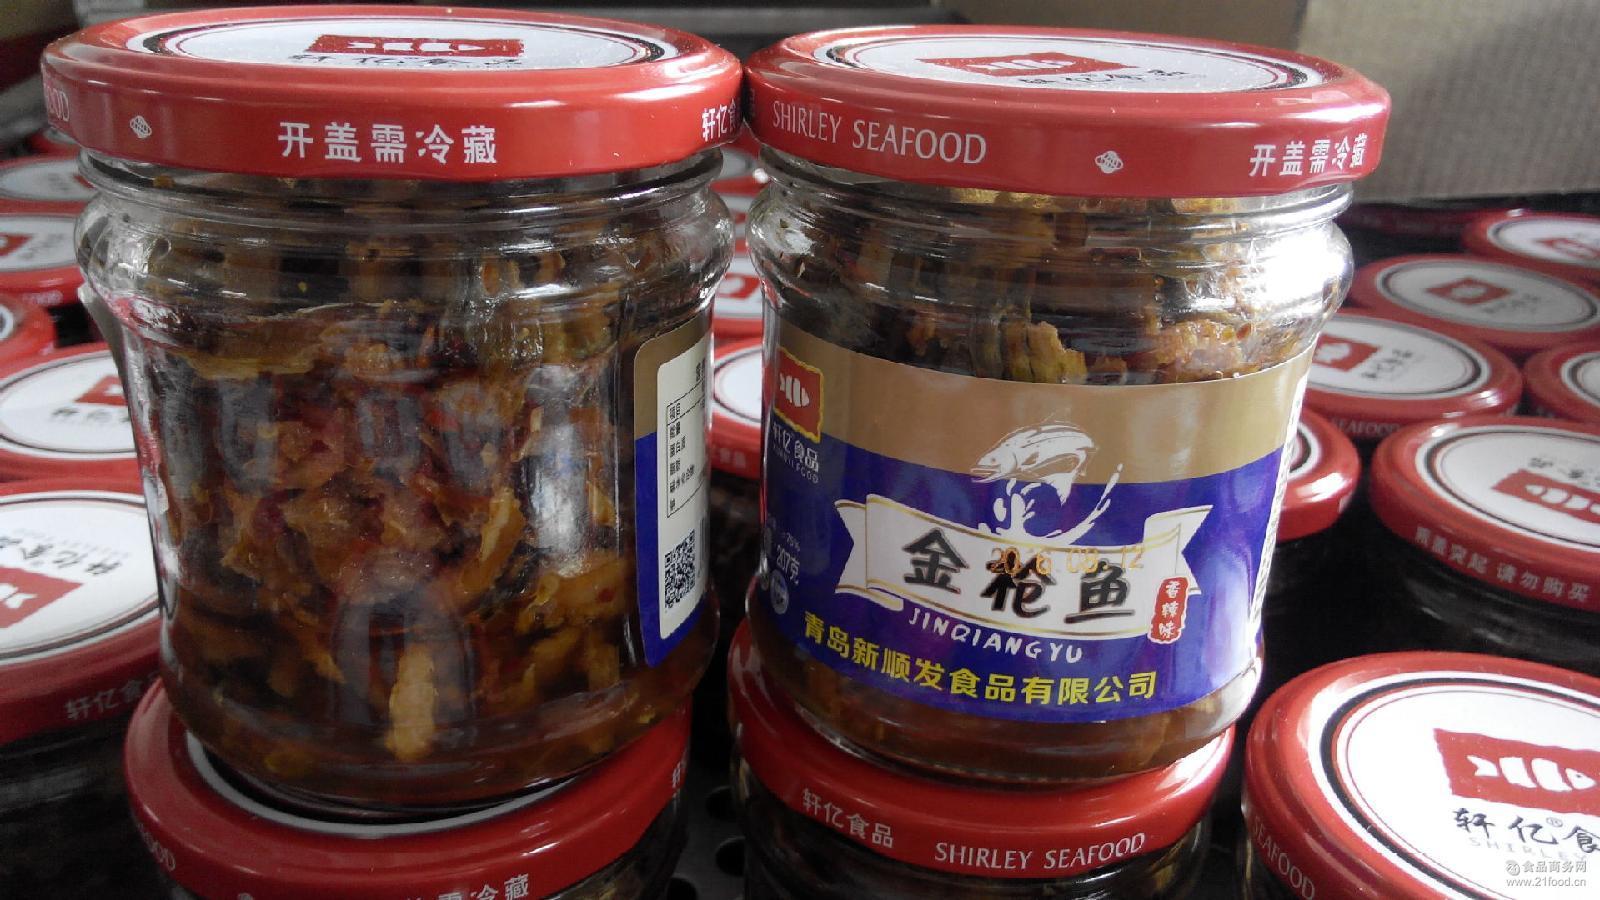 正宗水产品零食 熏鱼速食罐头【图】 青岛鱼罐头香辣418g鱼罐头